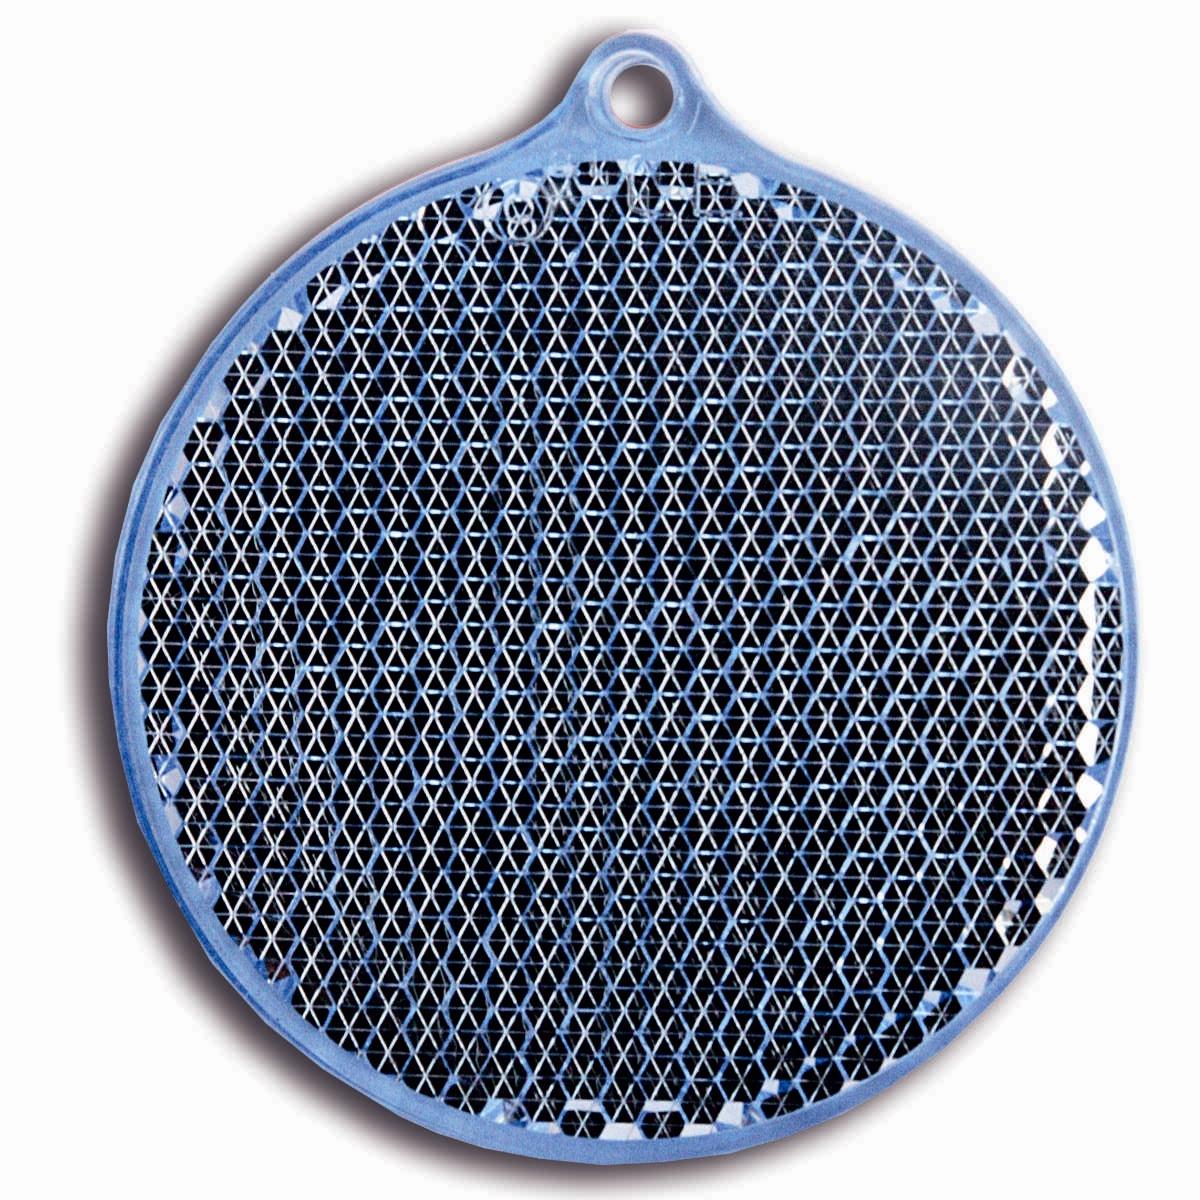 Светоотражатель пешеходный Coreflect Круг, цвет: синийВетерок 2ГФПешеходный светоотражатель — это серьезное средство безопасности на дороге. Использование светоотражателей позволяет в десятки раз сократить количество ДТП с участием пешеходов в темное время суток. Светоотражатель крепится на одежду и обладает способностью к направленному отражению светового потока. Благодаря такому отражению, водитель может вовремя заметить пешехода в темноте, даже если он стоит или двигается по обочине. А значит, он успеет среагировать и избежит возможного столкновения. С 1 июля 2015 года ношение светоотражателей вне населенных пунктов является обязательным для пешеходов! Мы рекомендуем носить их и в городе! Для безопасности и сохранения жизни!